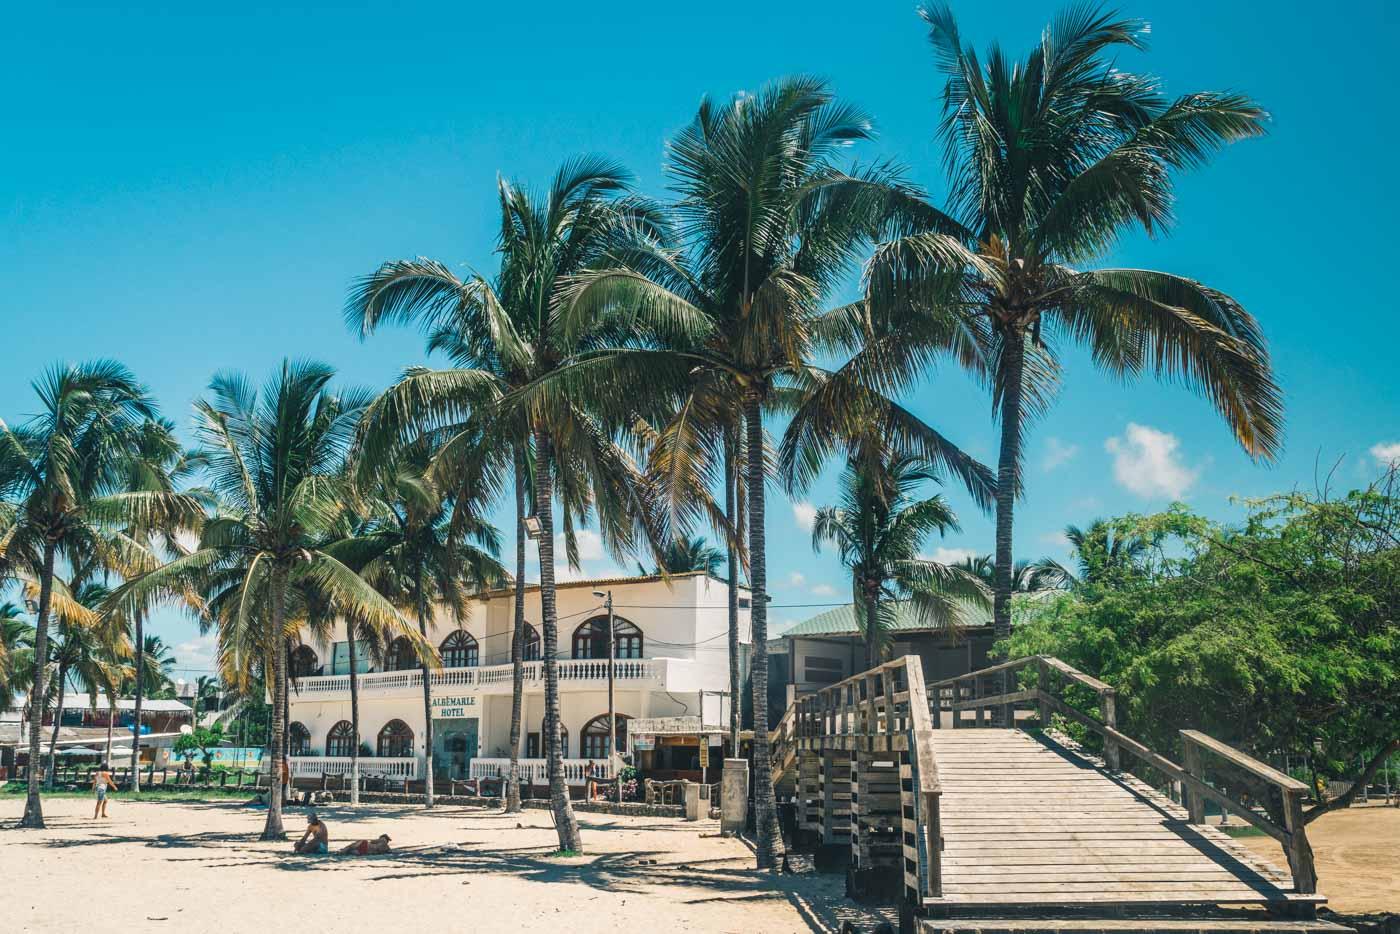 Albemarle Hotel on Isabela Island